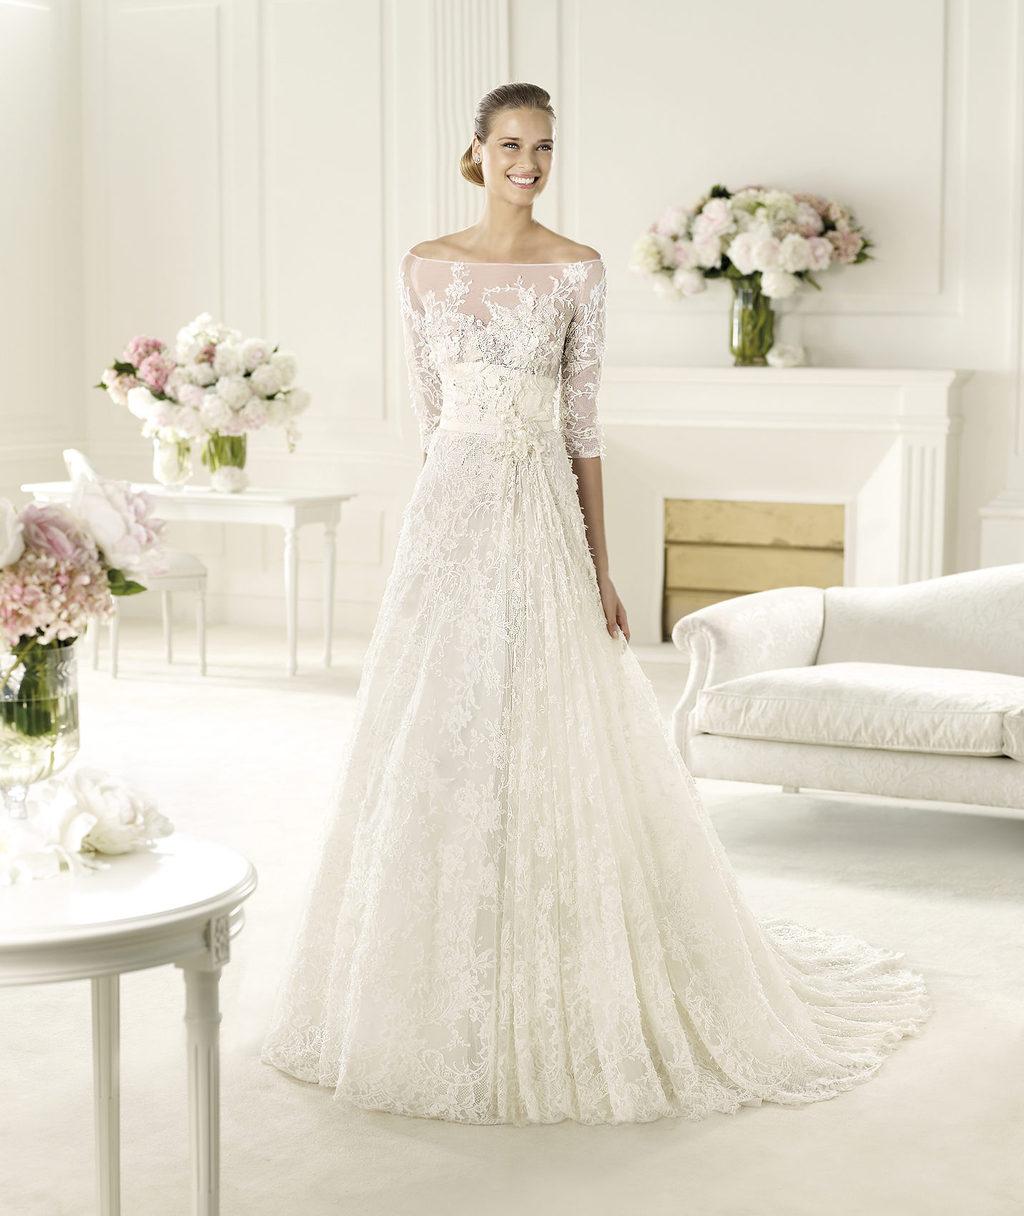 elie saab wedding dress pronovias bridal cignus elie saab wedding dress